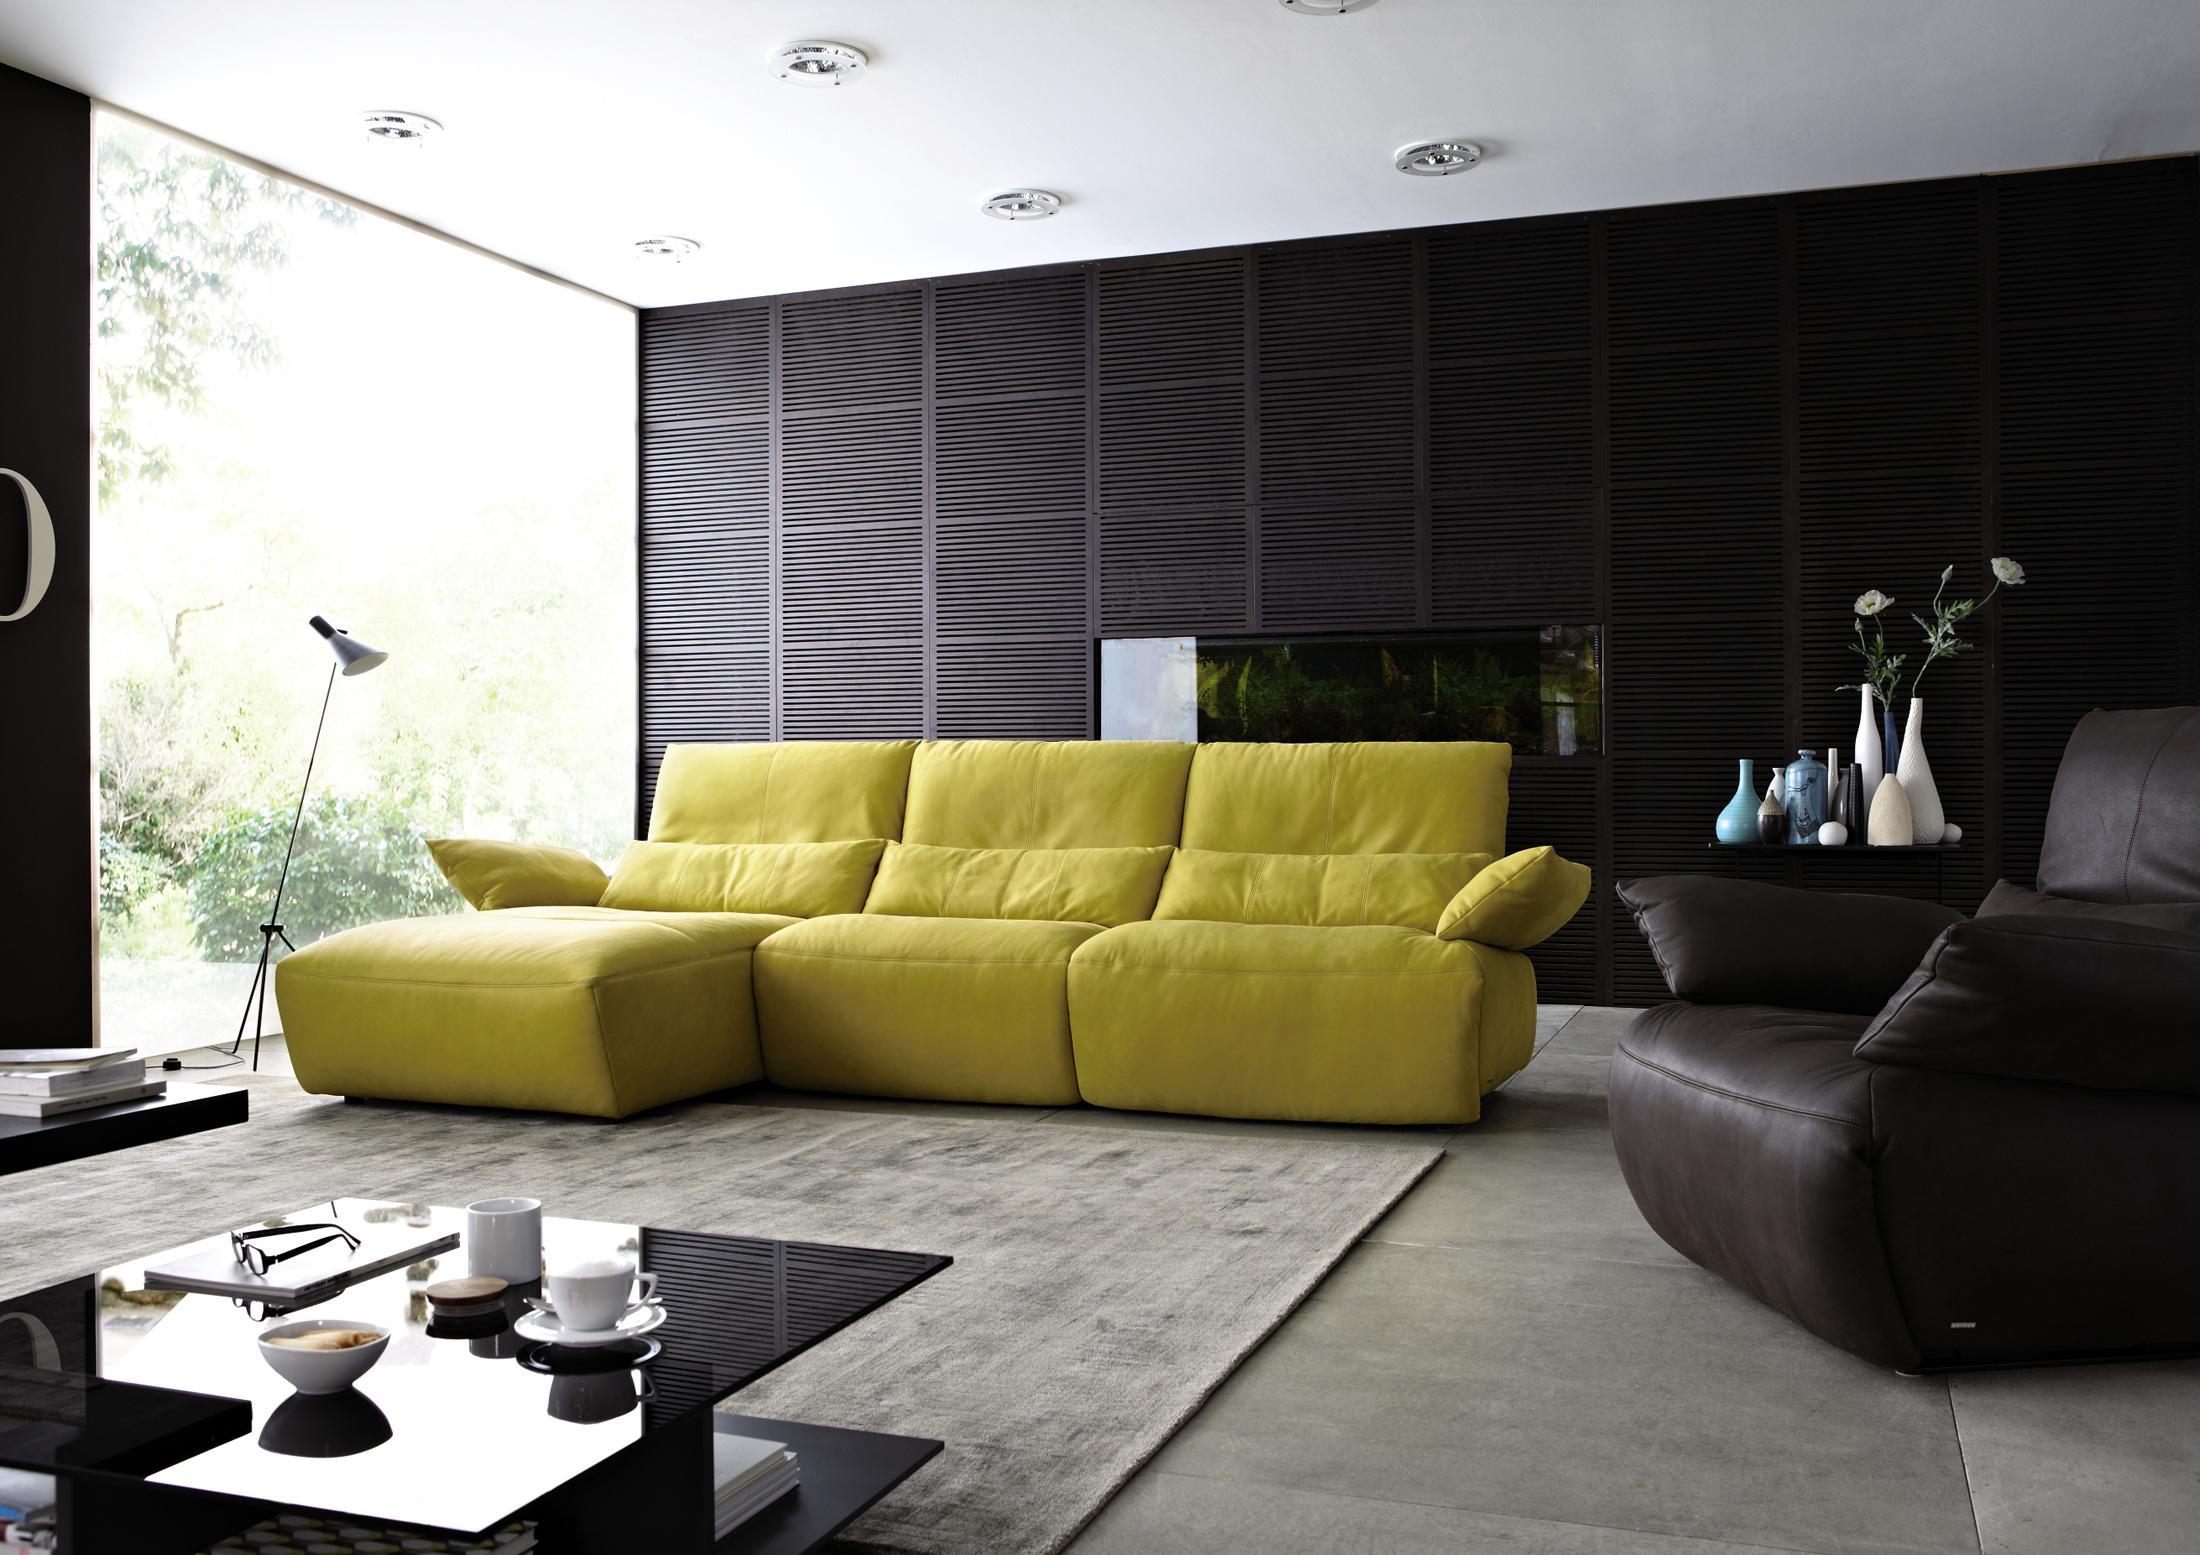 Wunderbar Gelbes Sofa In Kombination Mit Schwarzer Wand #couchtisch #teppich #sessel  #sofa #